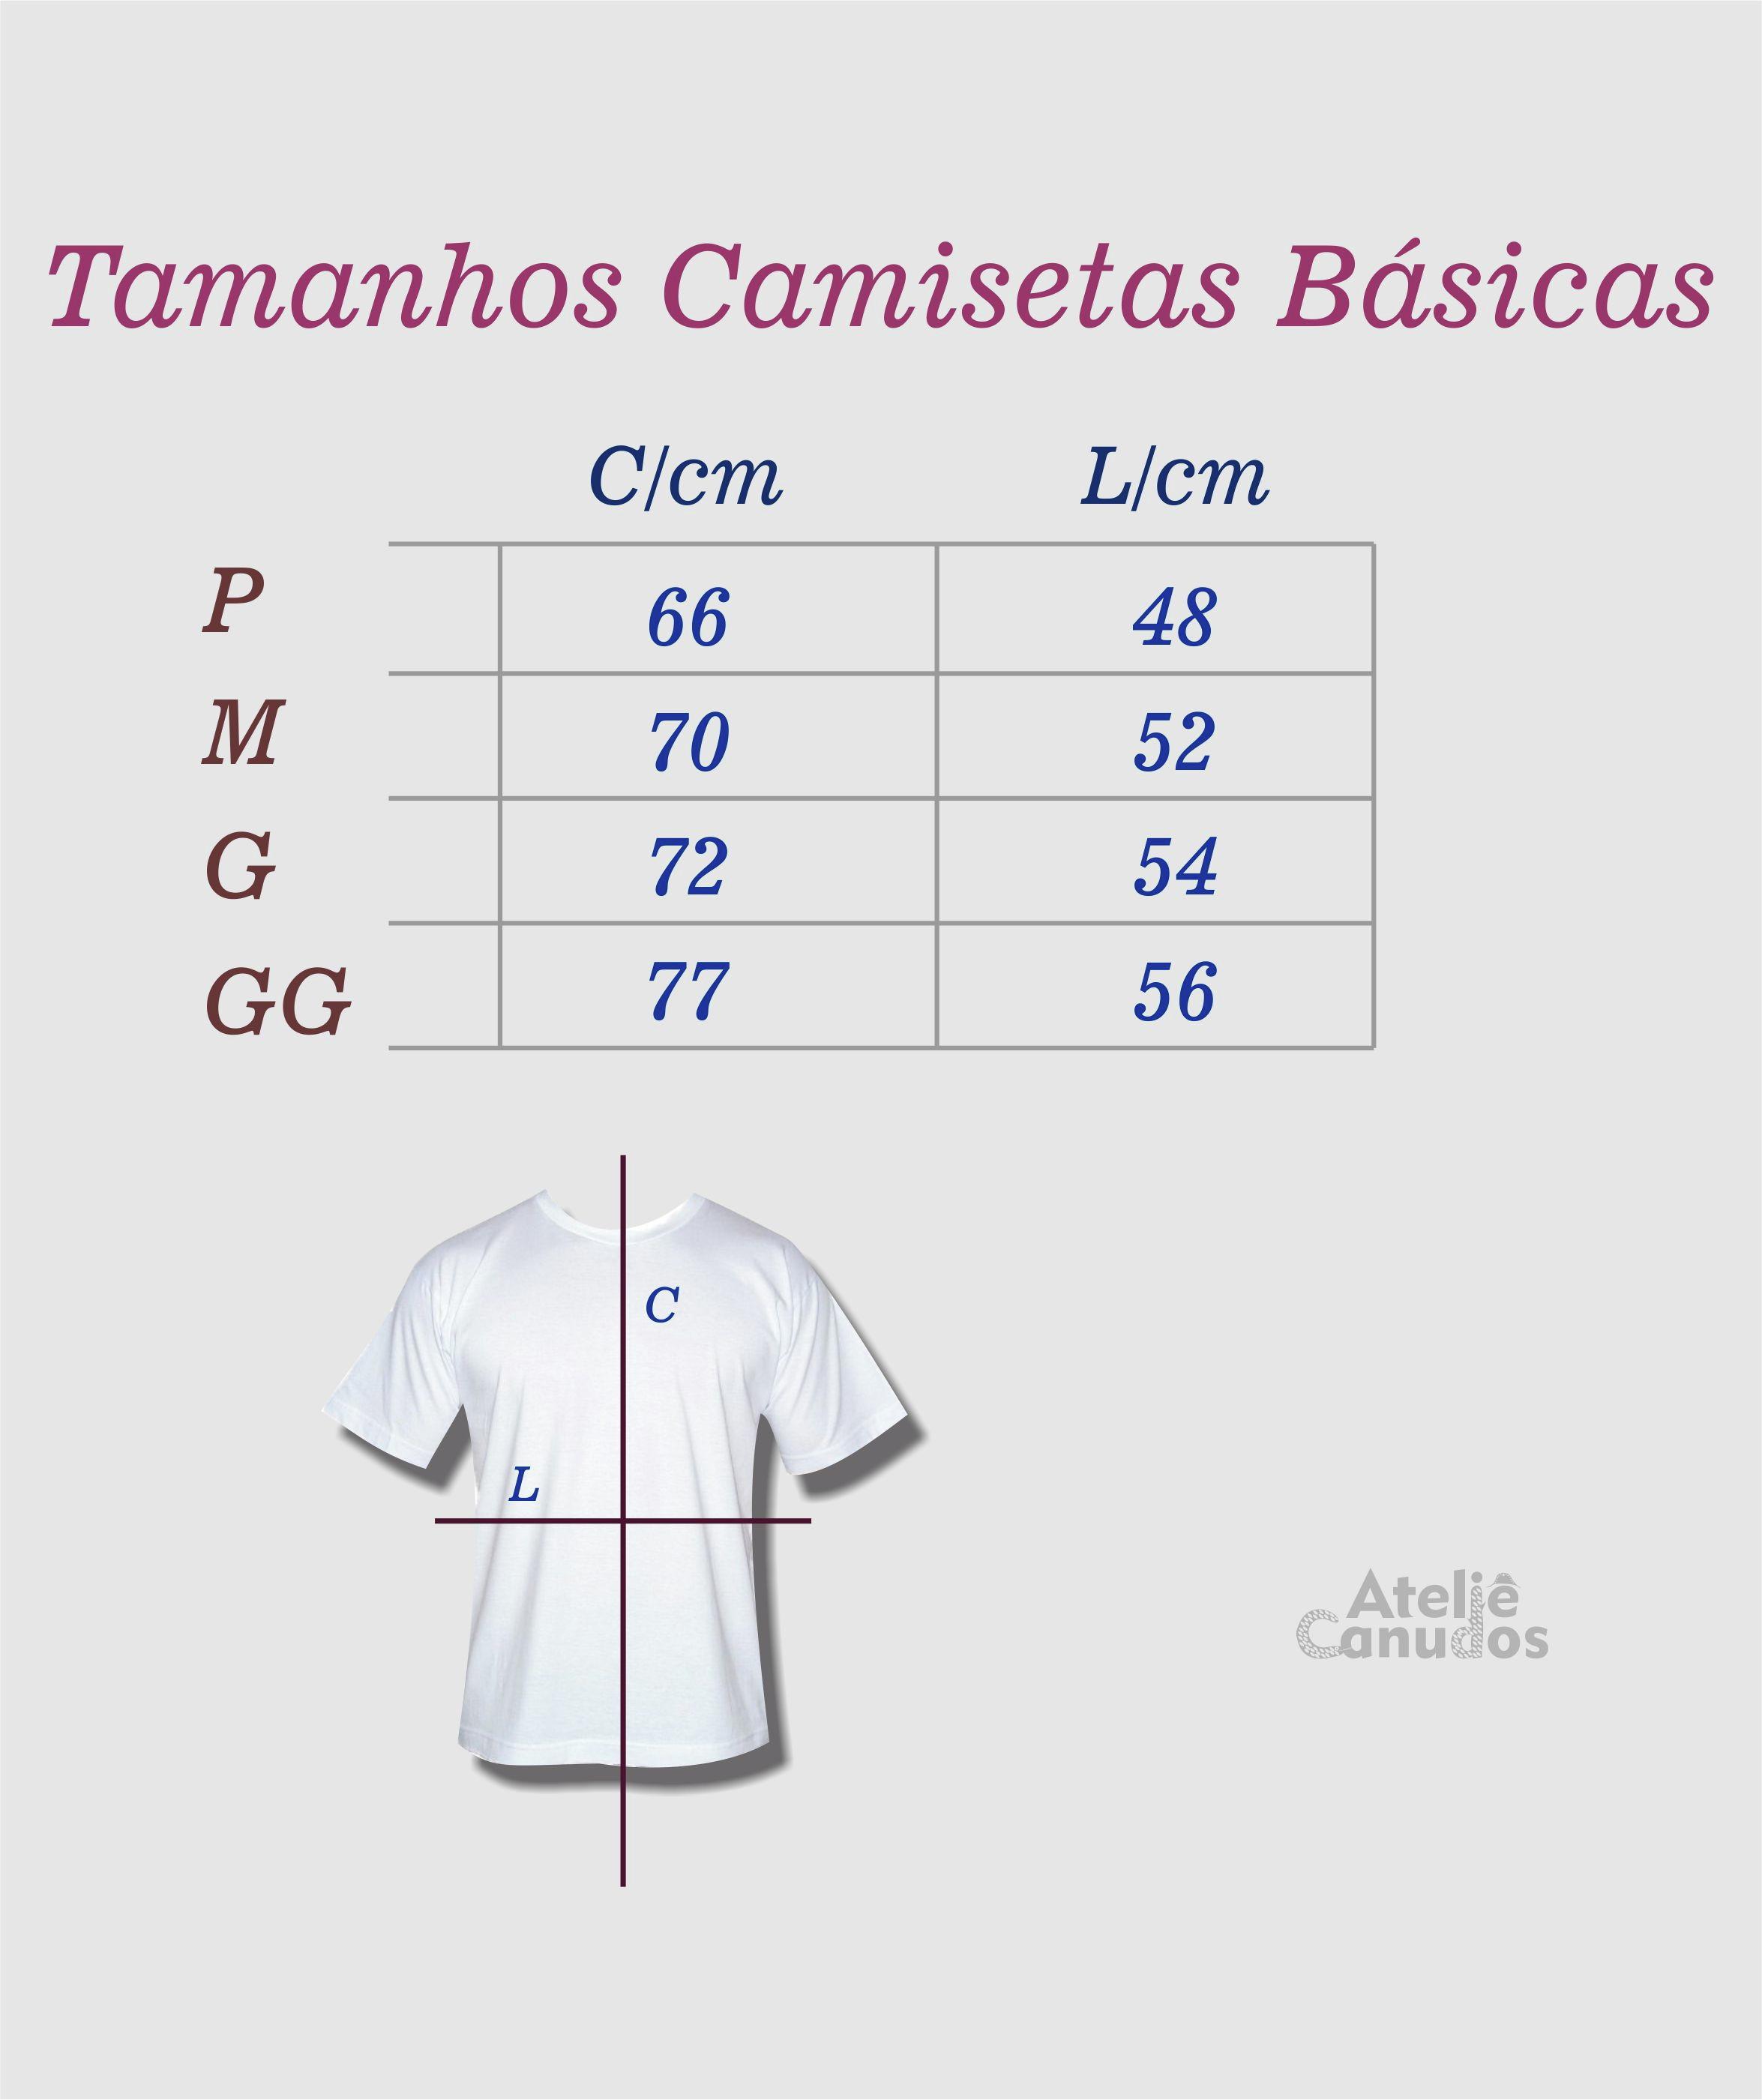 76e8489e6d Camisa Atlético Mineiro Antifascista - branca no Elo7